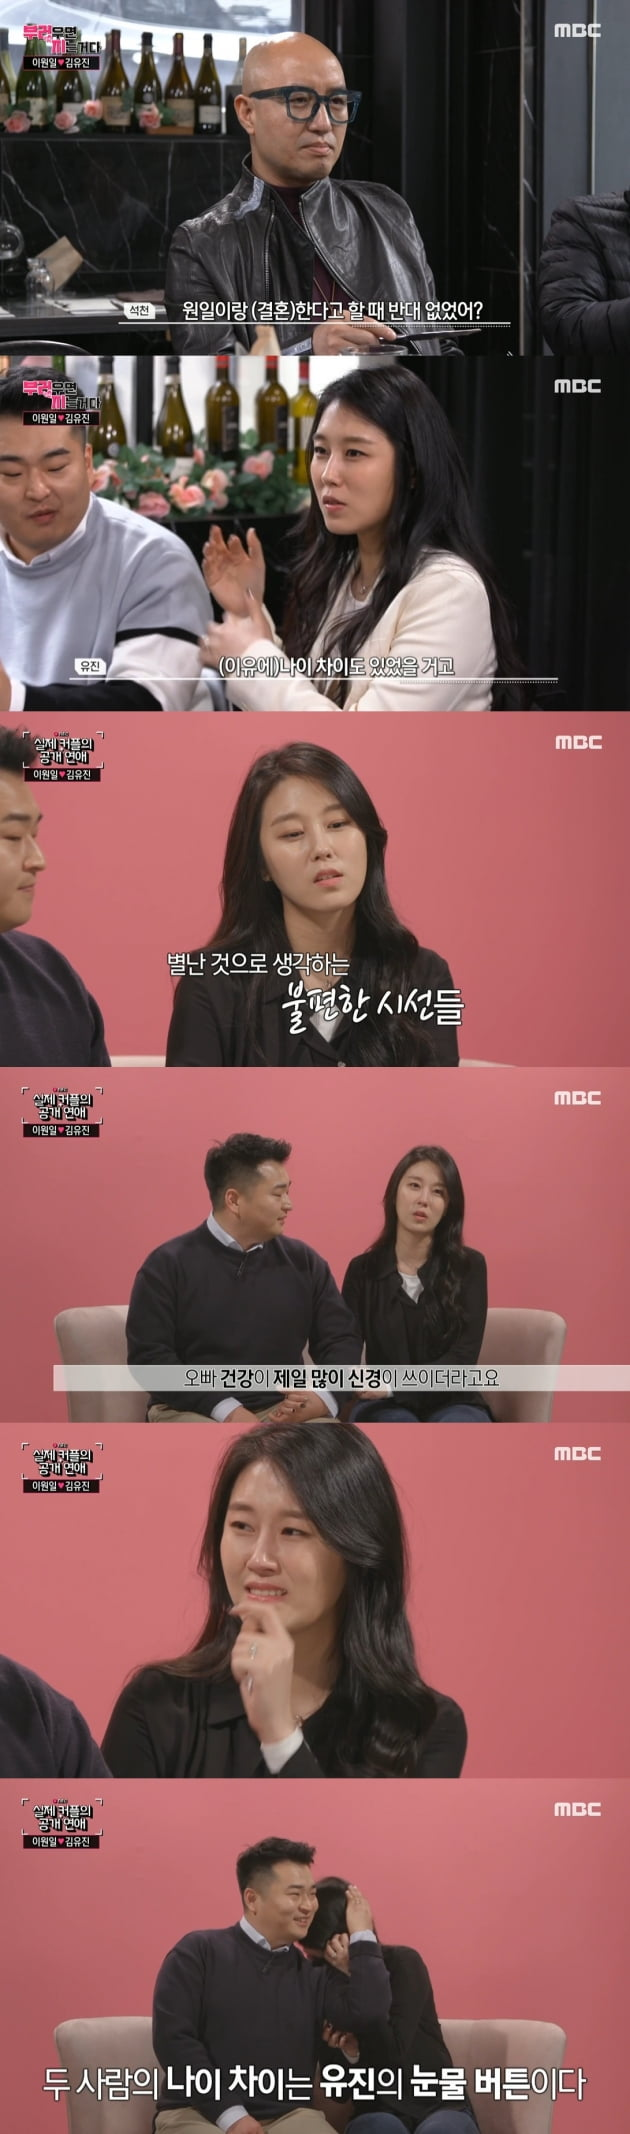 /사진= 지난 23일 방송된 MBC '부러우면 지는거다' 방송화면